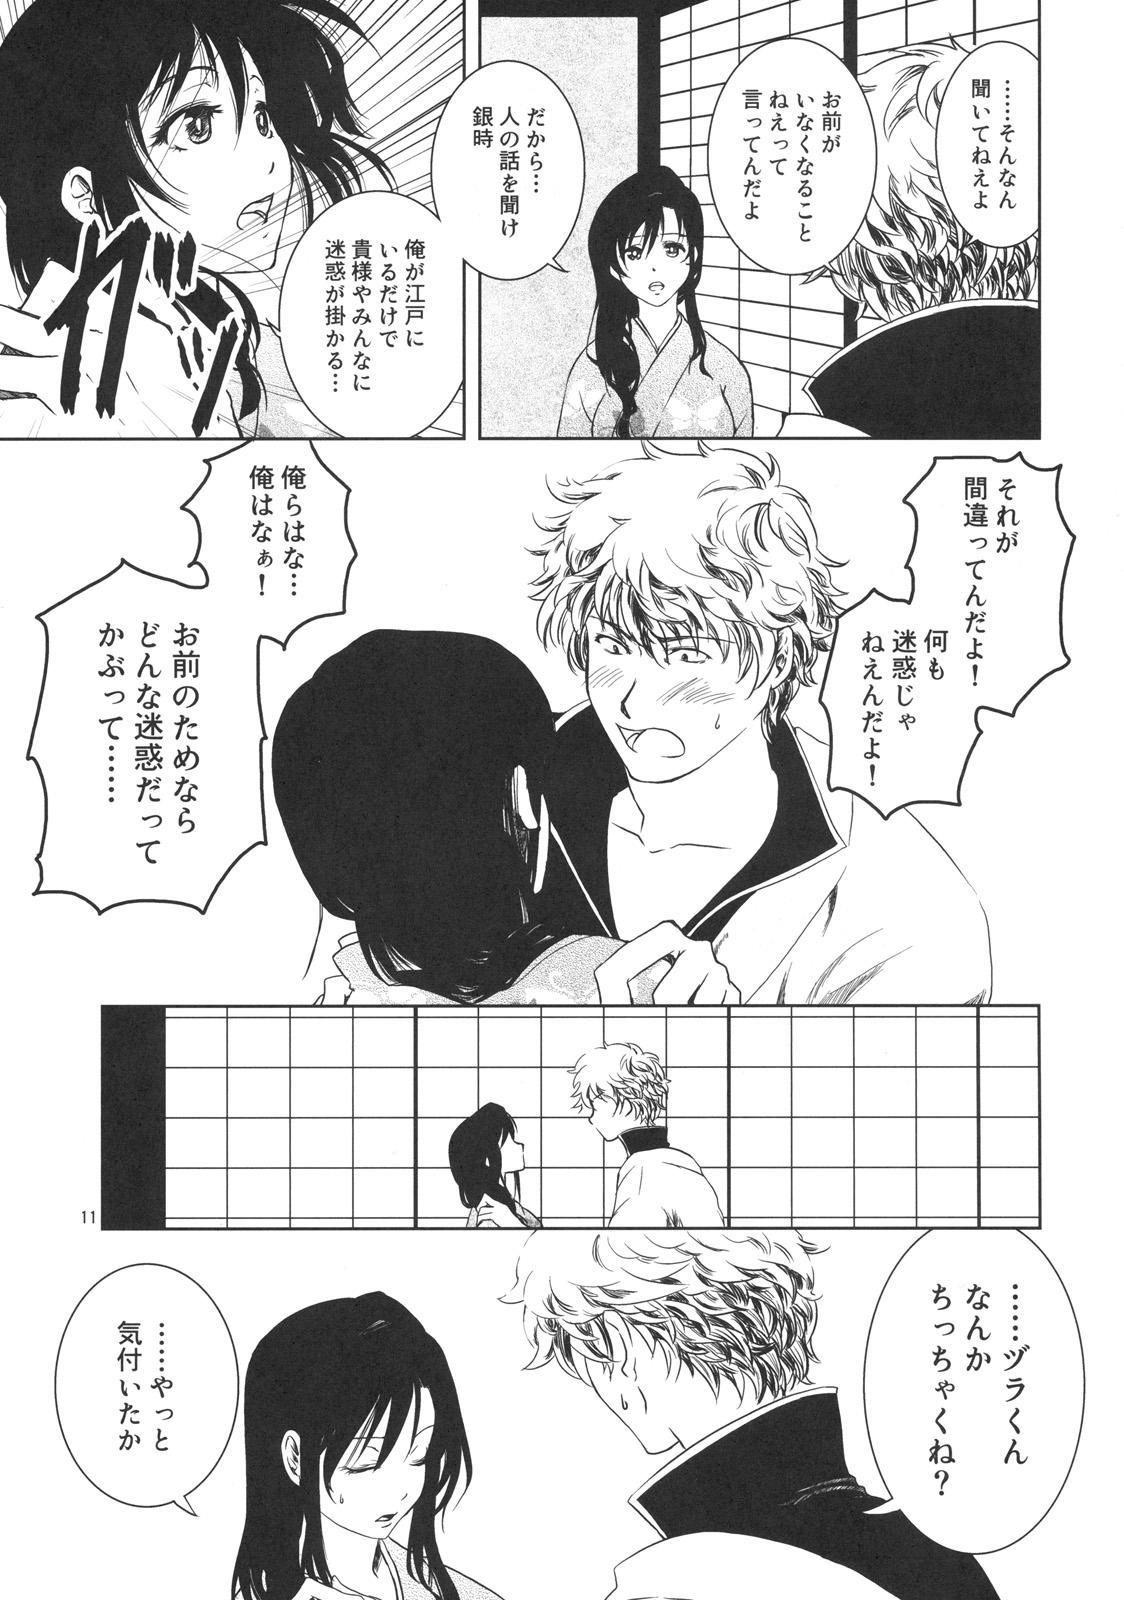 Osananajimi wo Harama Serutatta Hitotsu 9